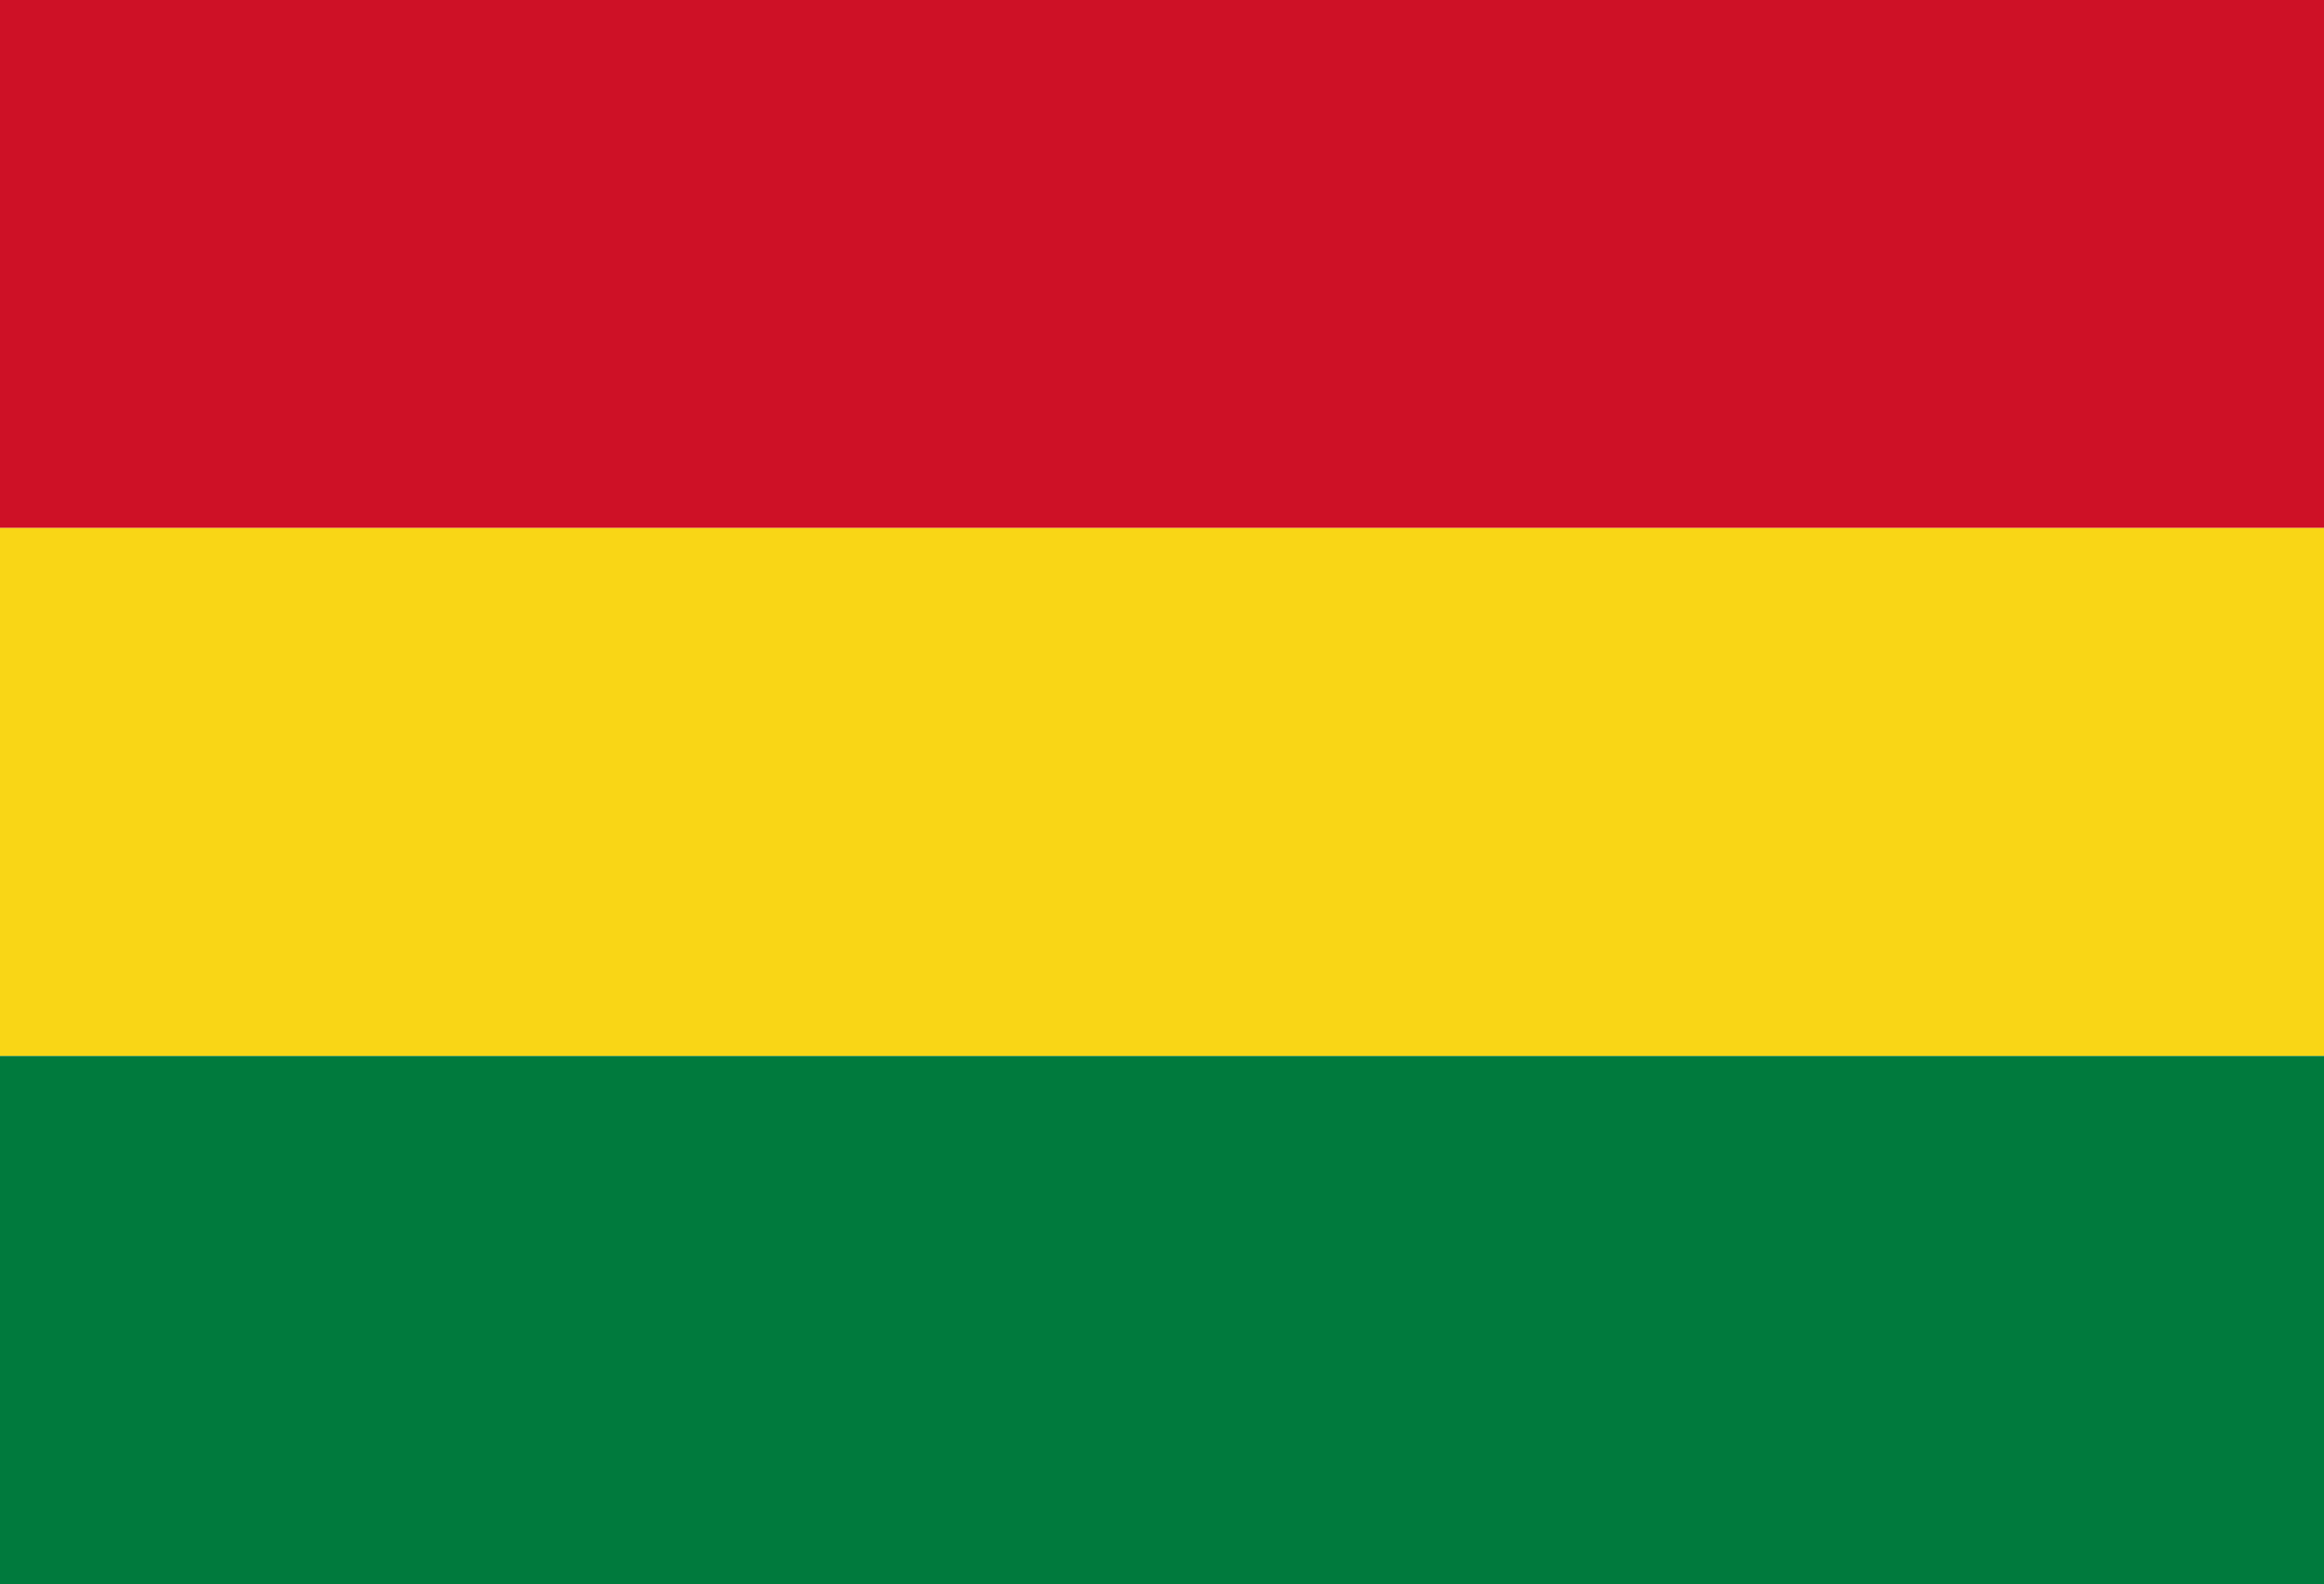 Βολιβία, χώρα, έμβλημα, λογότυπο, σύμβολο - Wallpapers HD - Professor-falken.com